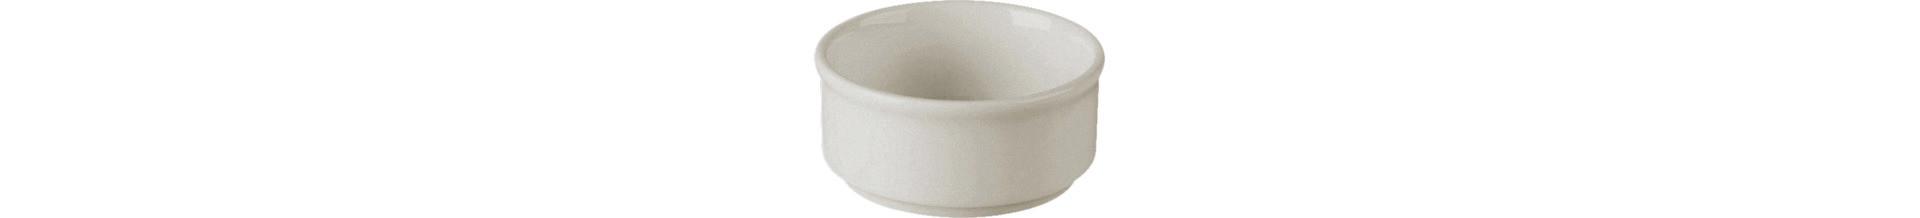 Neofusion, Butterschälchen stapelbar ø 80 mm / 0,10 l sand